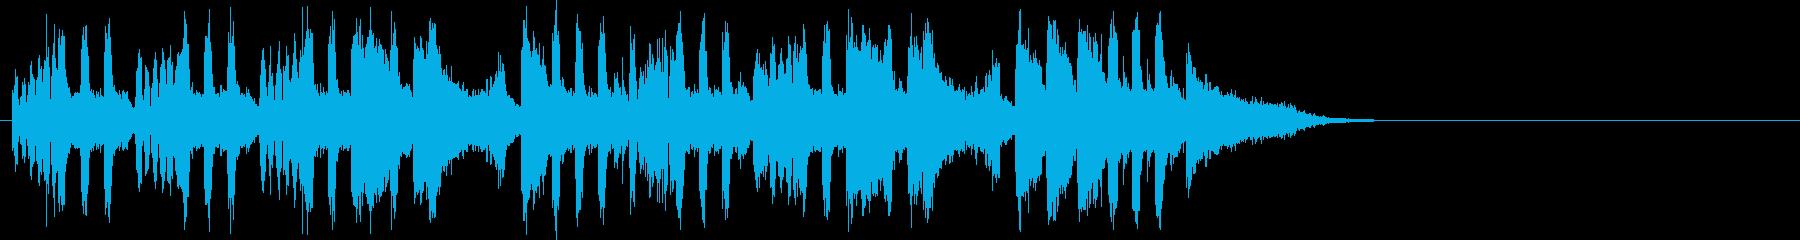 ゆったりしたエンディング(イントロ)の再生済みの波形